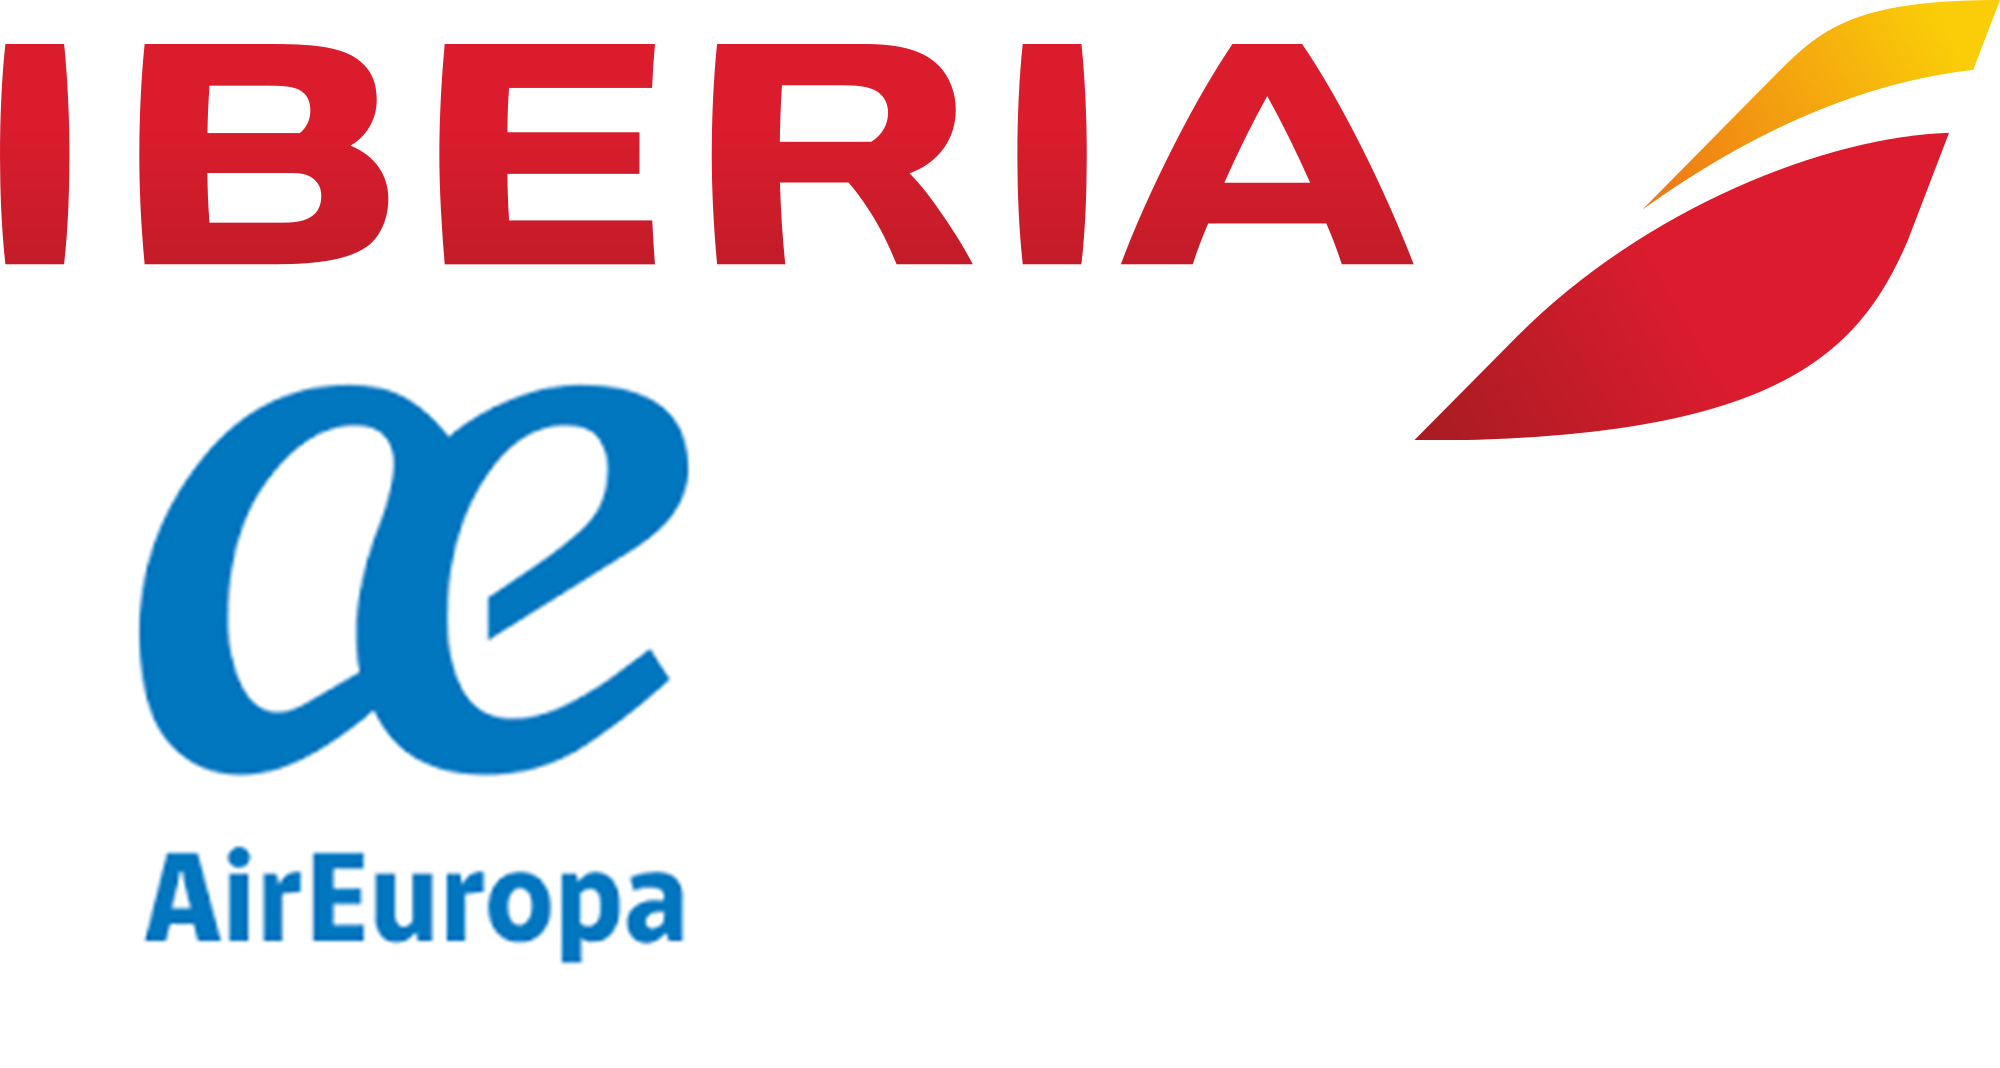 AW-Iberia-Air Europa_Isologotype